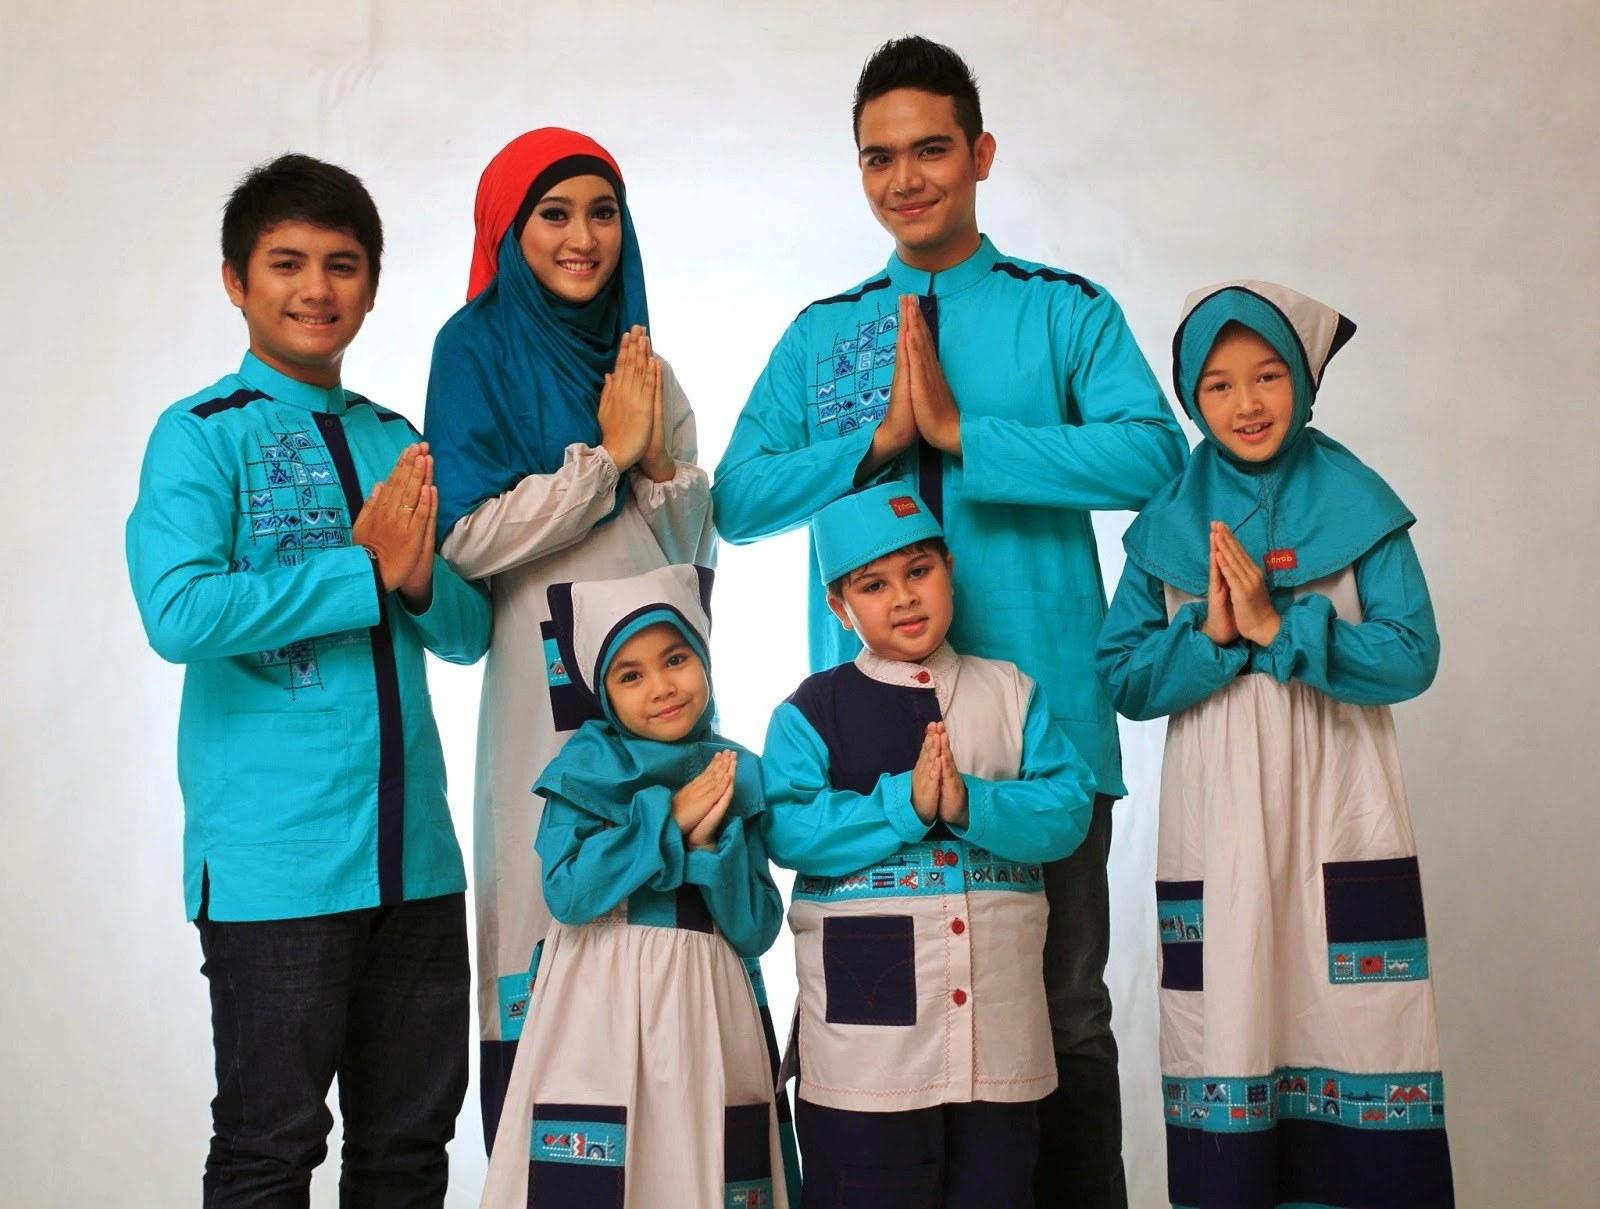 Inspirasi Model Baju Lebaran 2018 Terbaru S1du Model Baju Muslim Gamis Modern Terbaru 2018 Untuk Lebaran